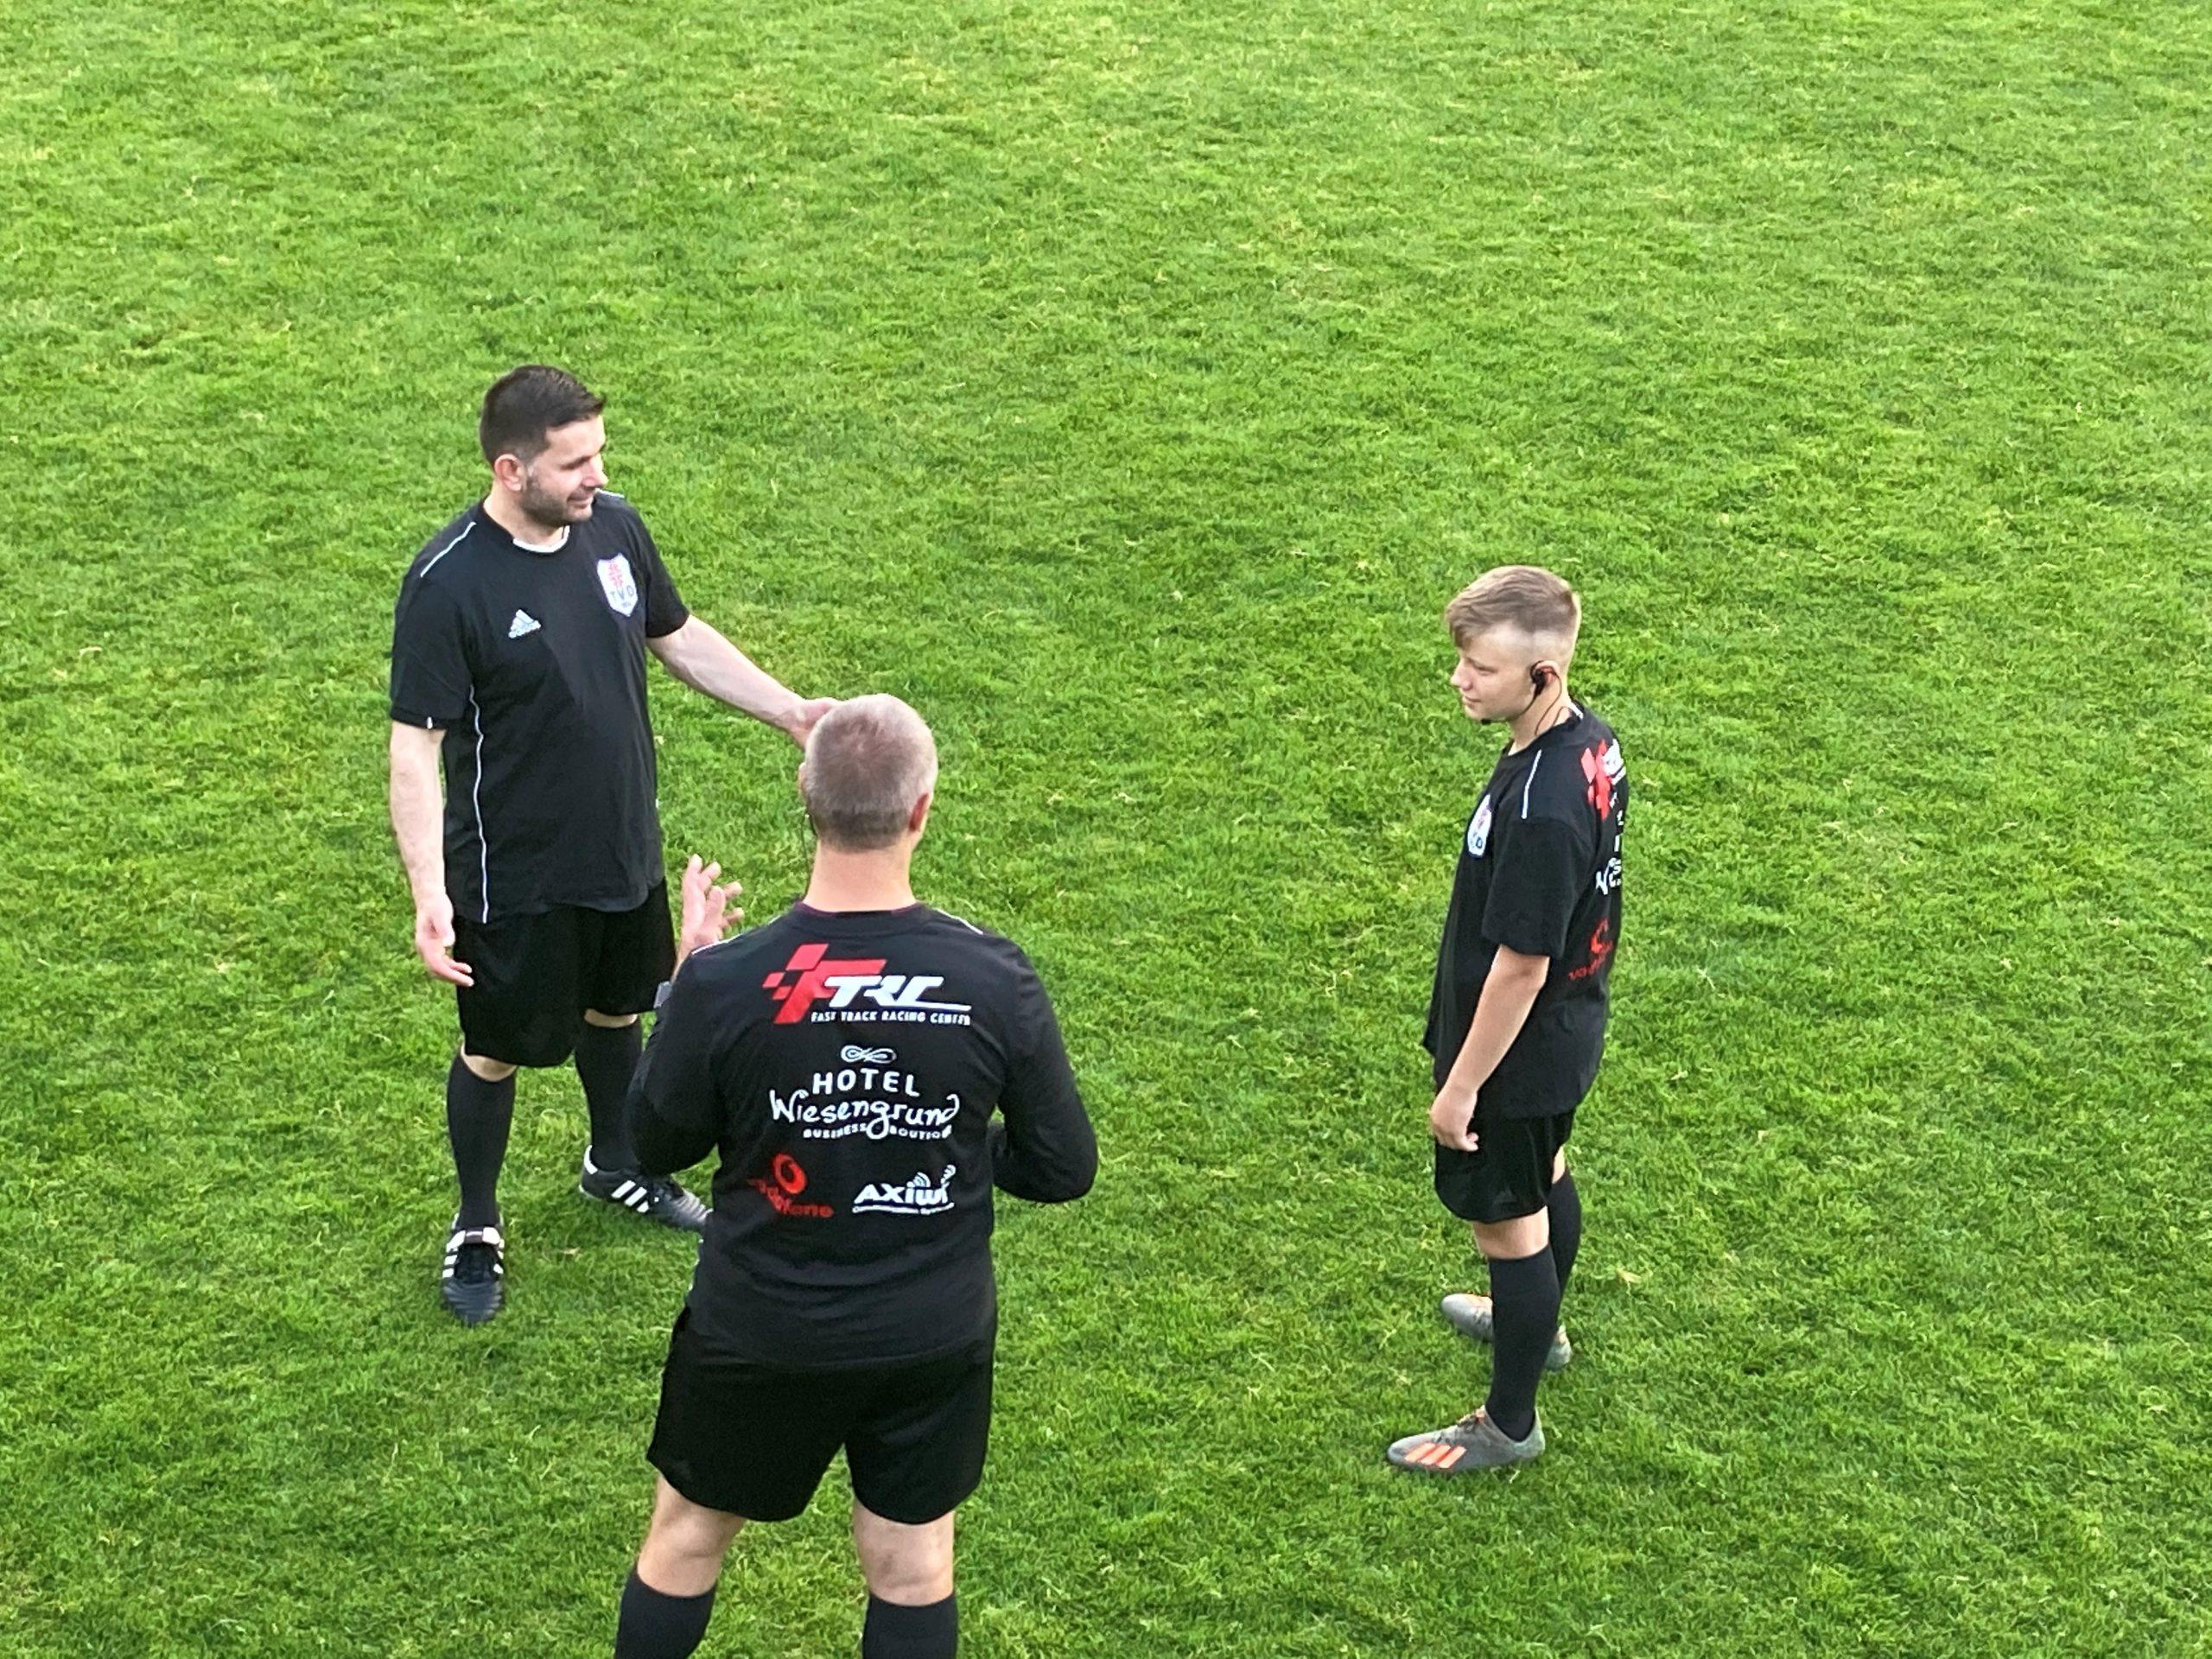 axel-funke-fußball-schiedsrichter-Fußball-kommuniziert-mit-dem-Funksystem-von-AXIWI-sprachkommunikation